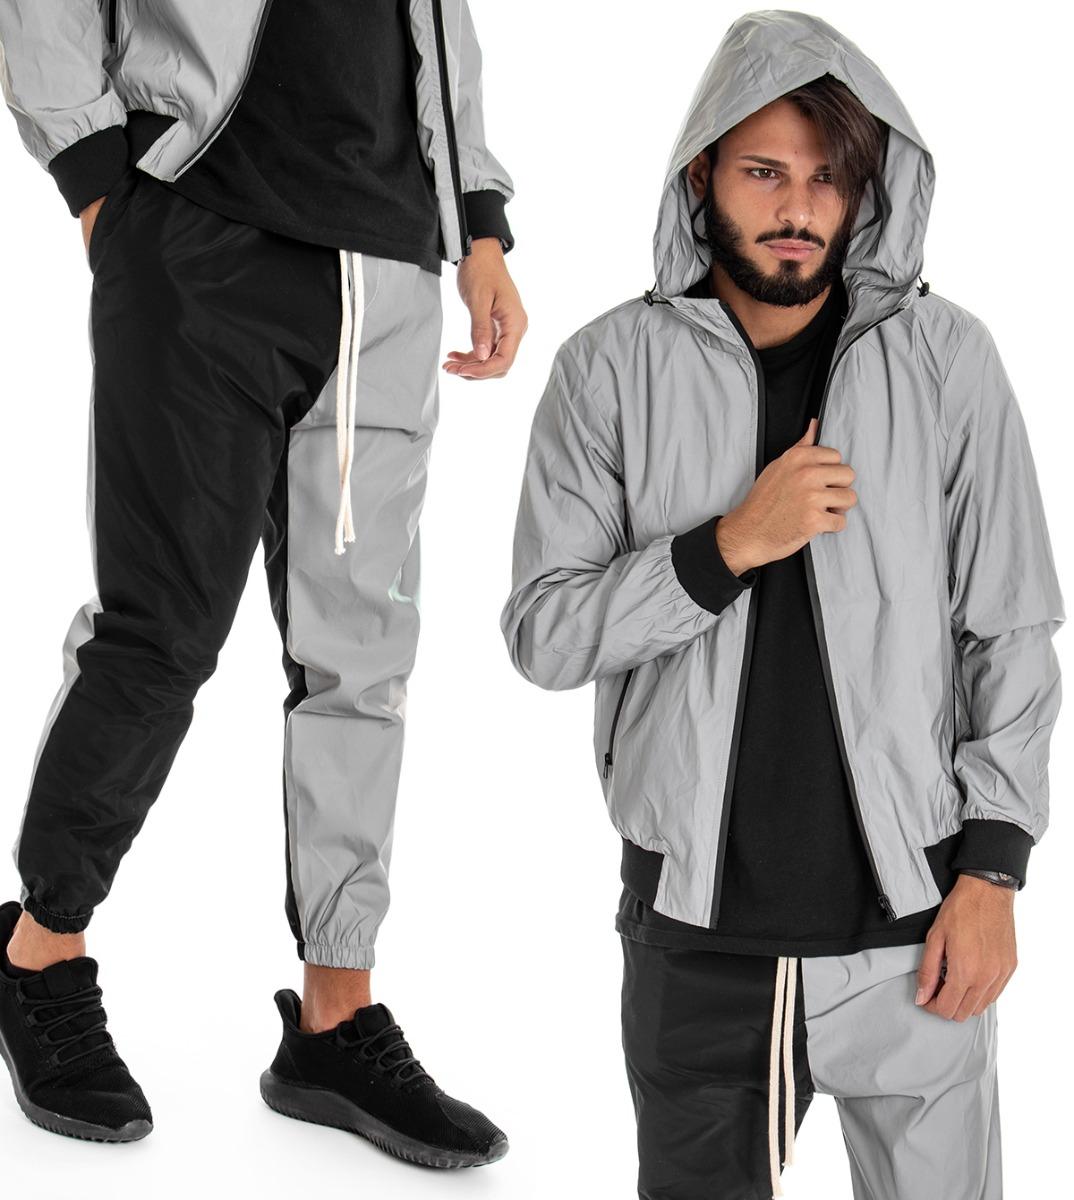 Reflektierende Reflektierende Look Jacke Outfit Casual Jacke